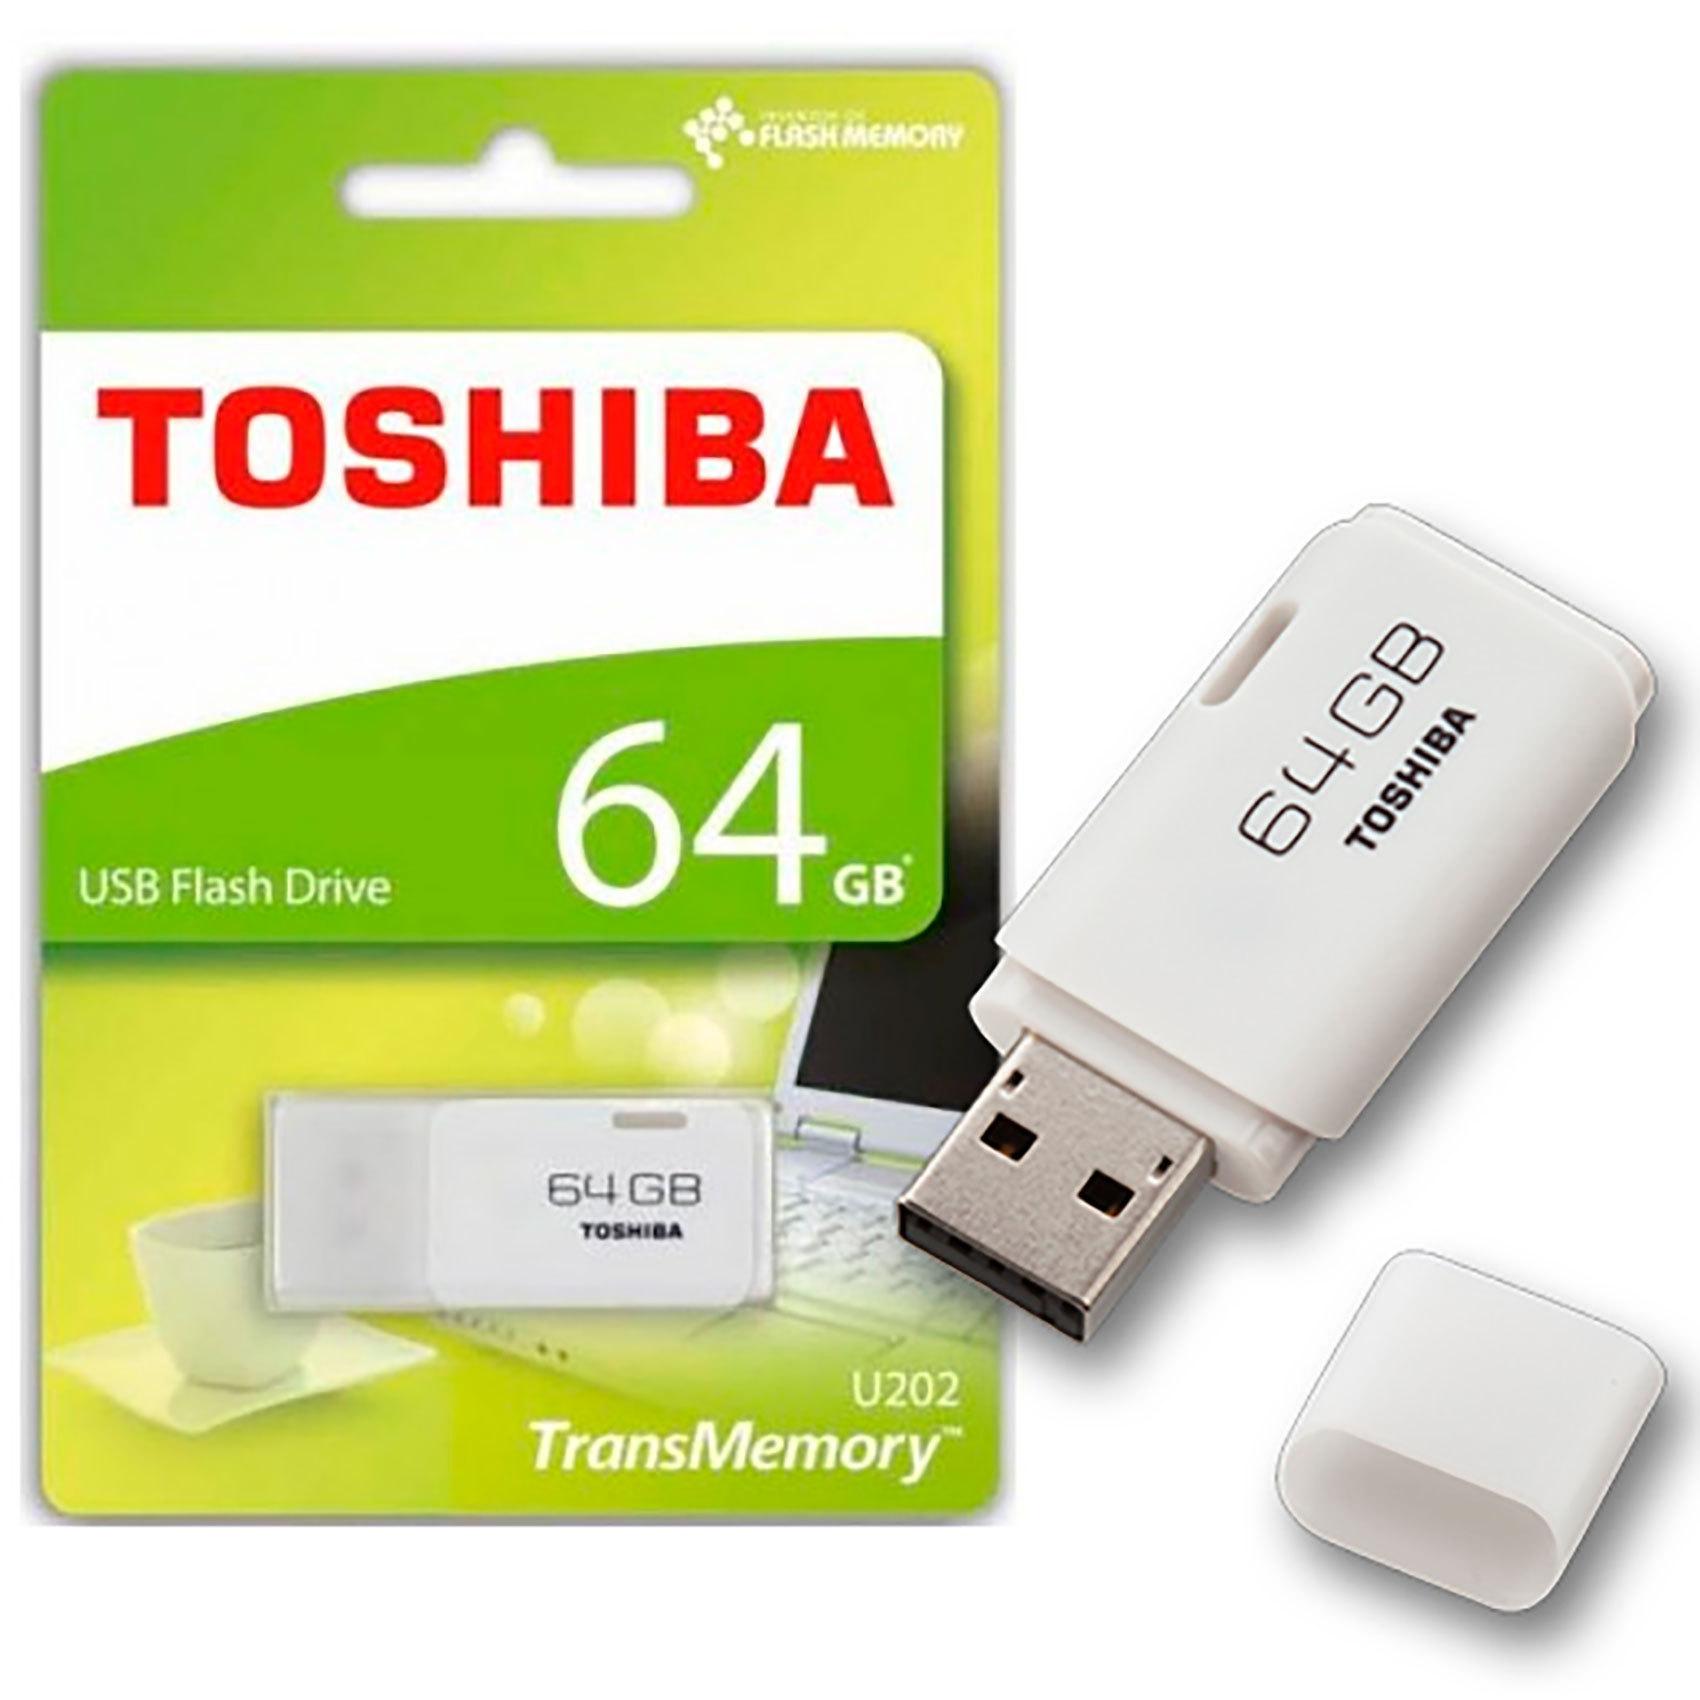 TOSHIBA USB F/D 64GB TM U202W